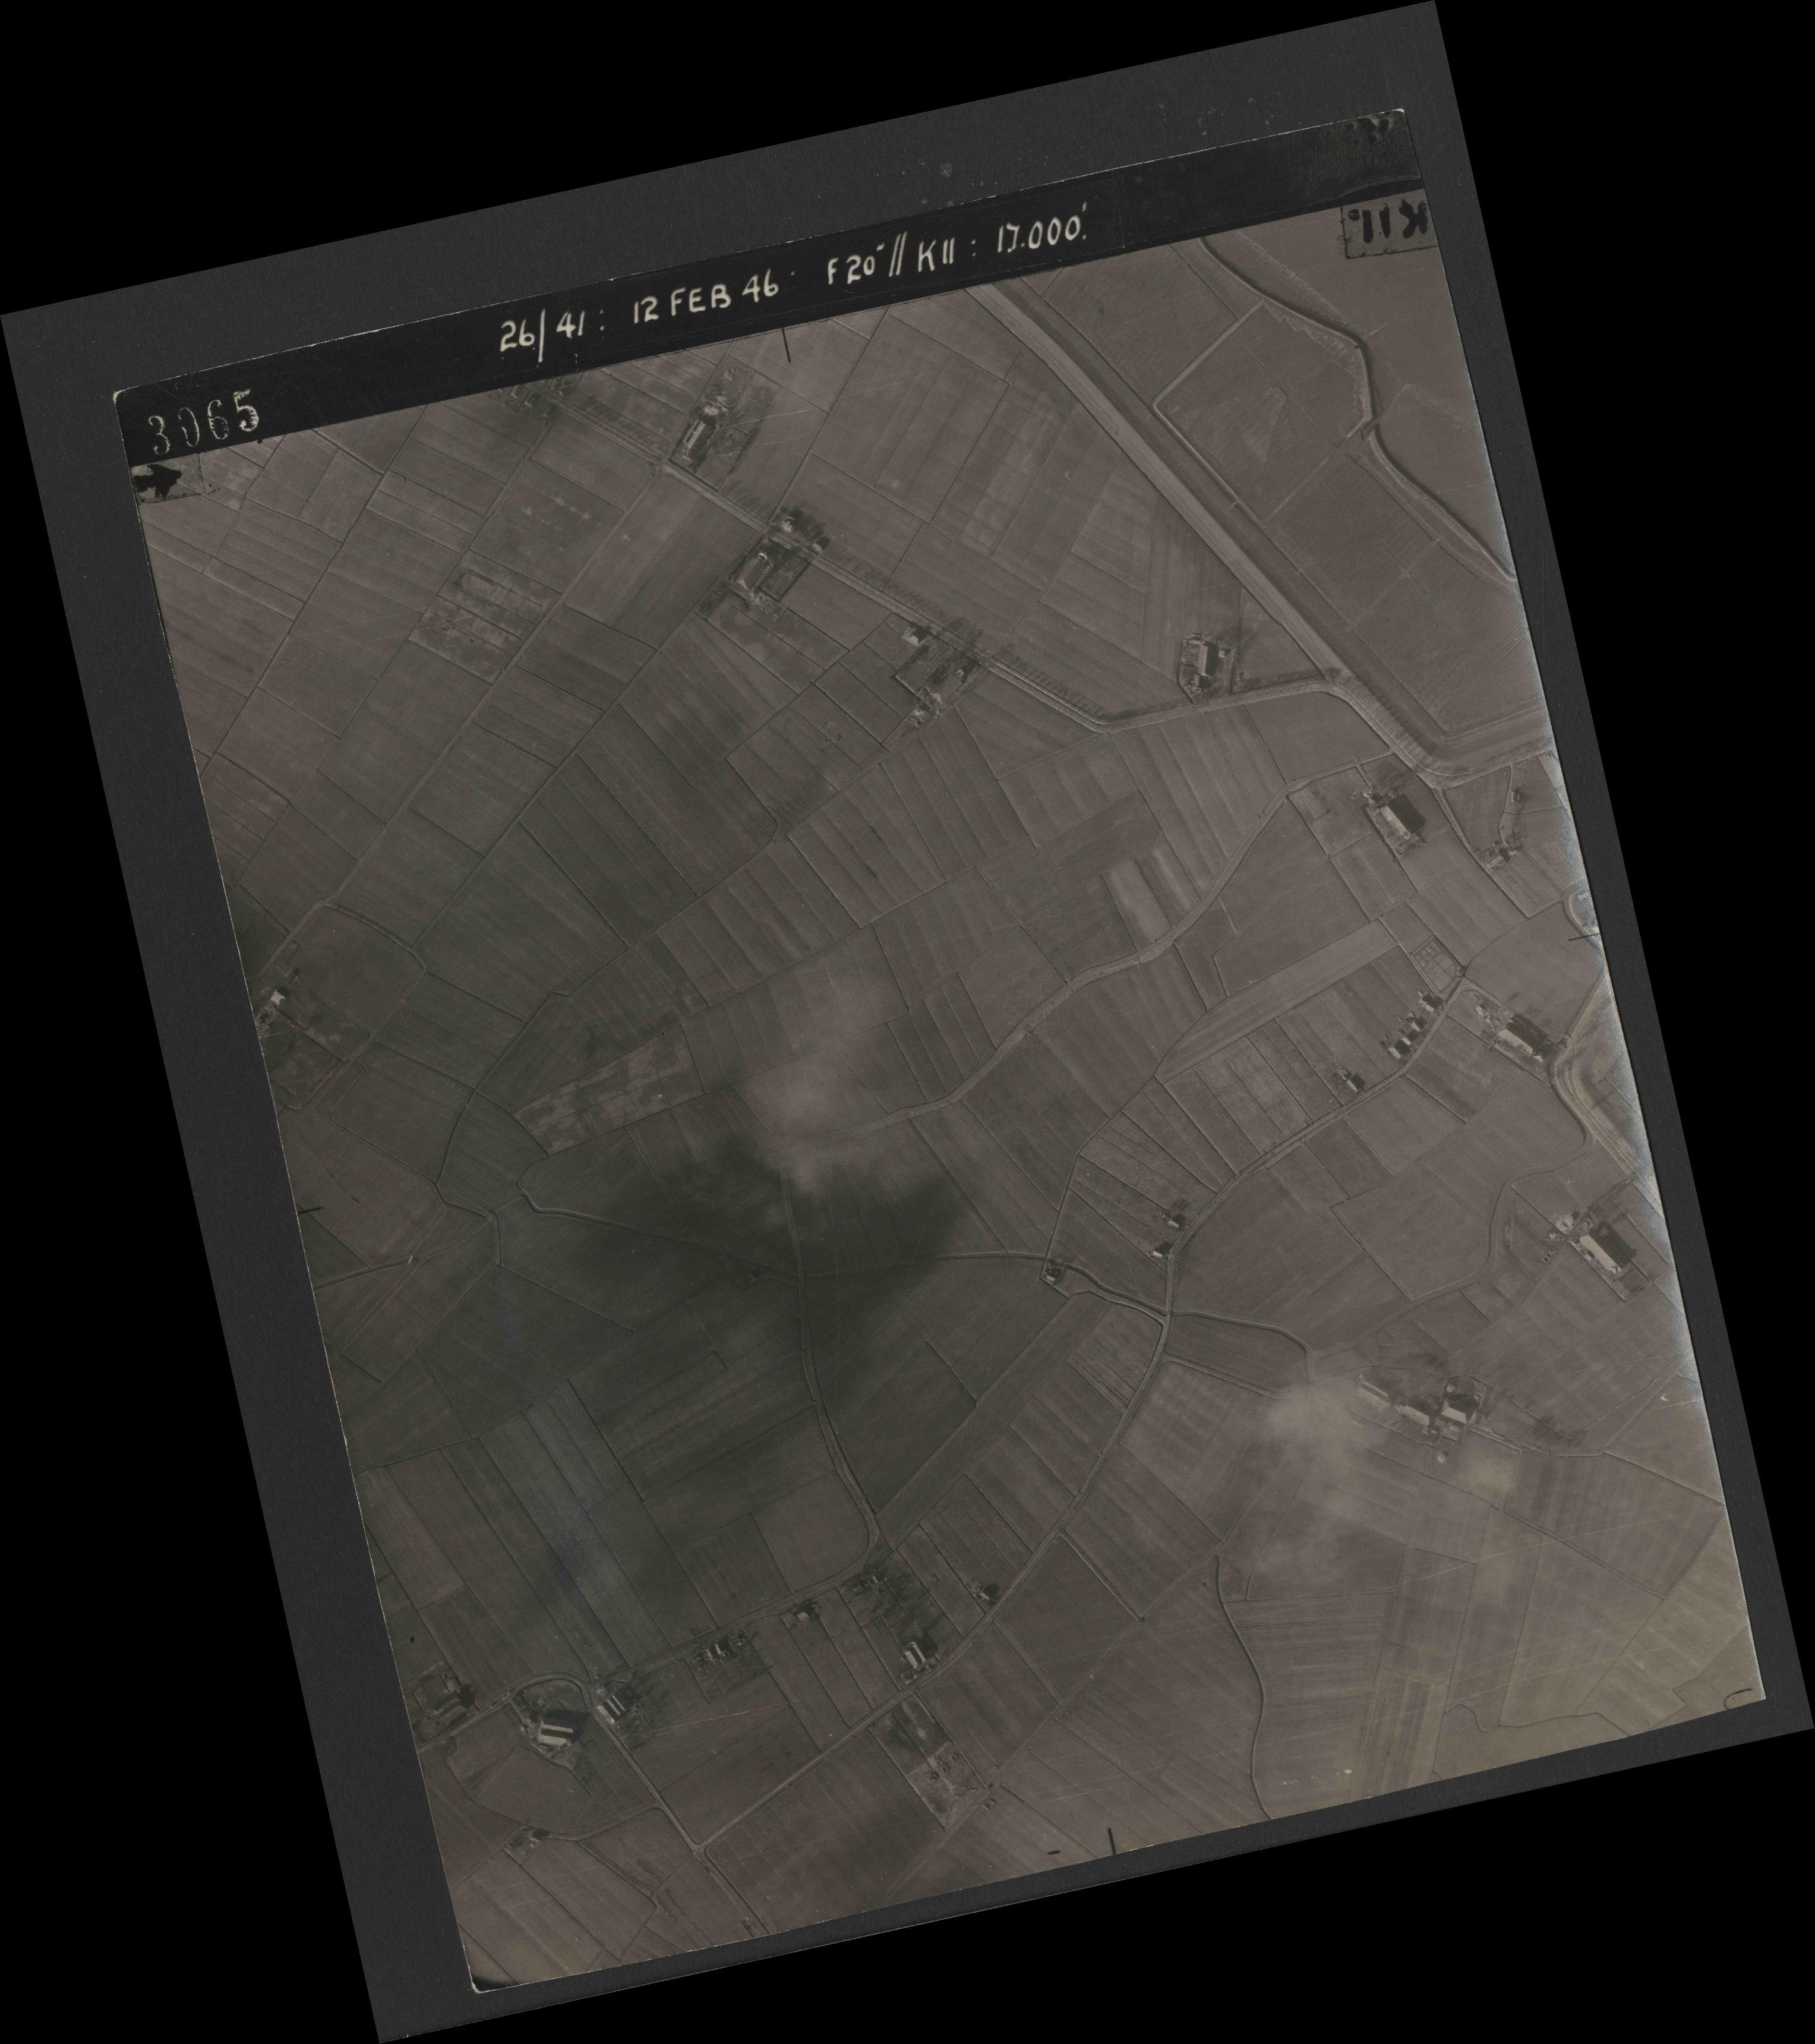 Collection RAF aerial photos 1940-1945 - flight 212, run 03, photo 3065